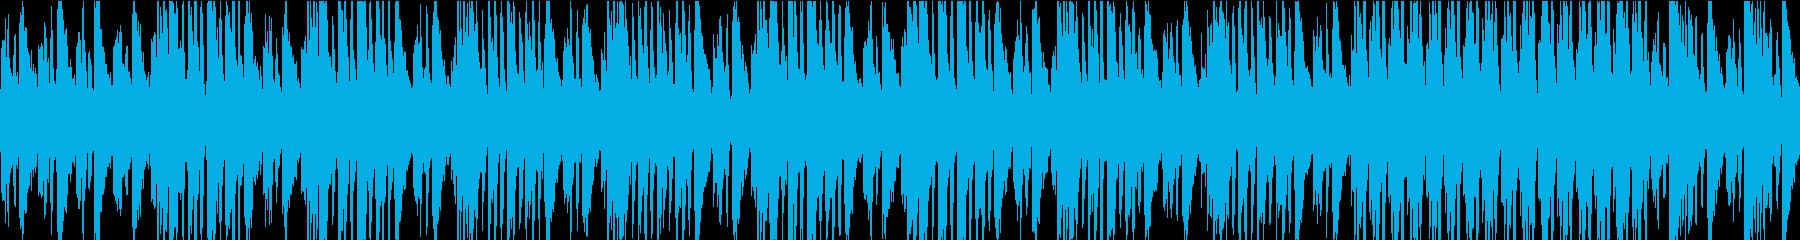 ハロウィン/怪しい/夜/ワルツ/ダークの再生済みの波形